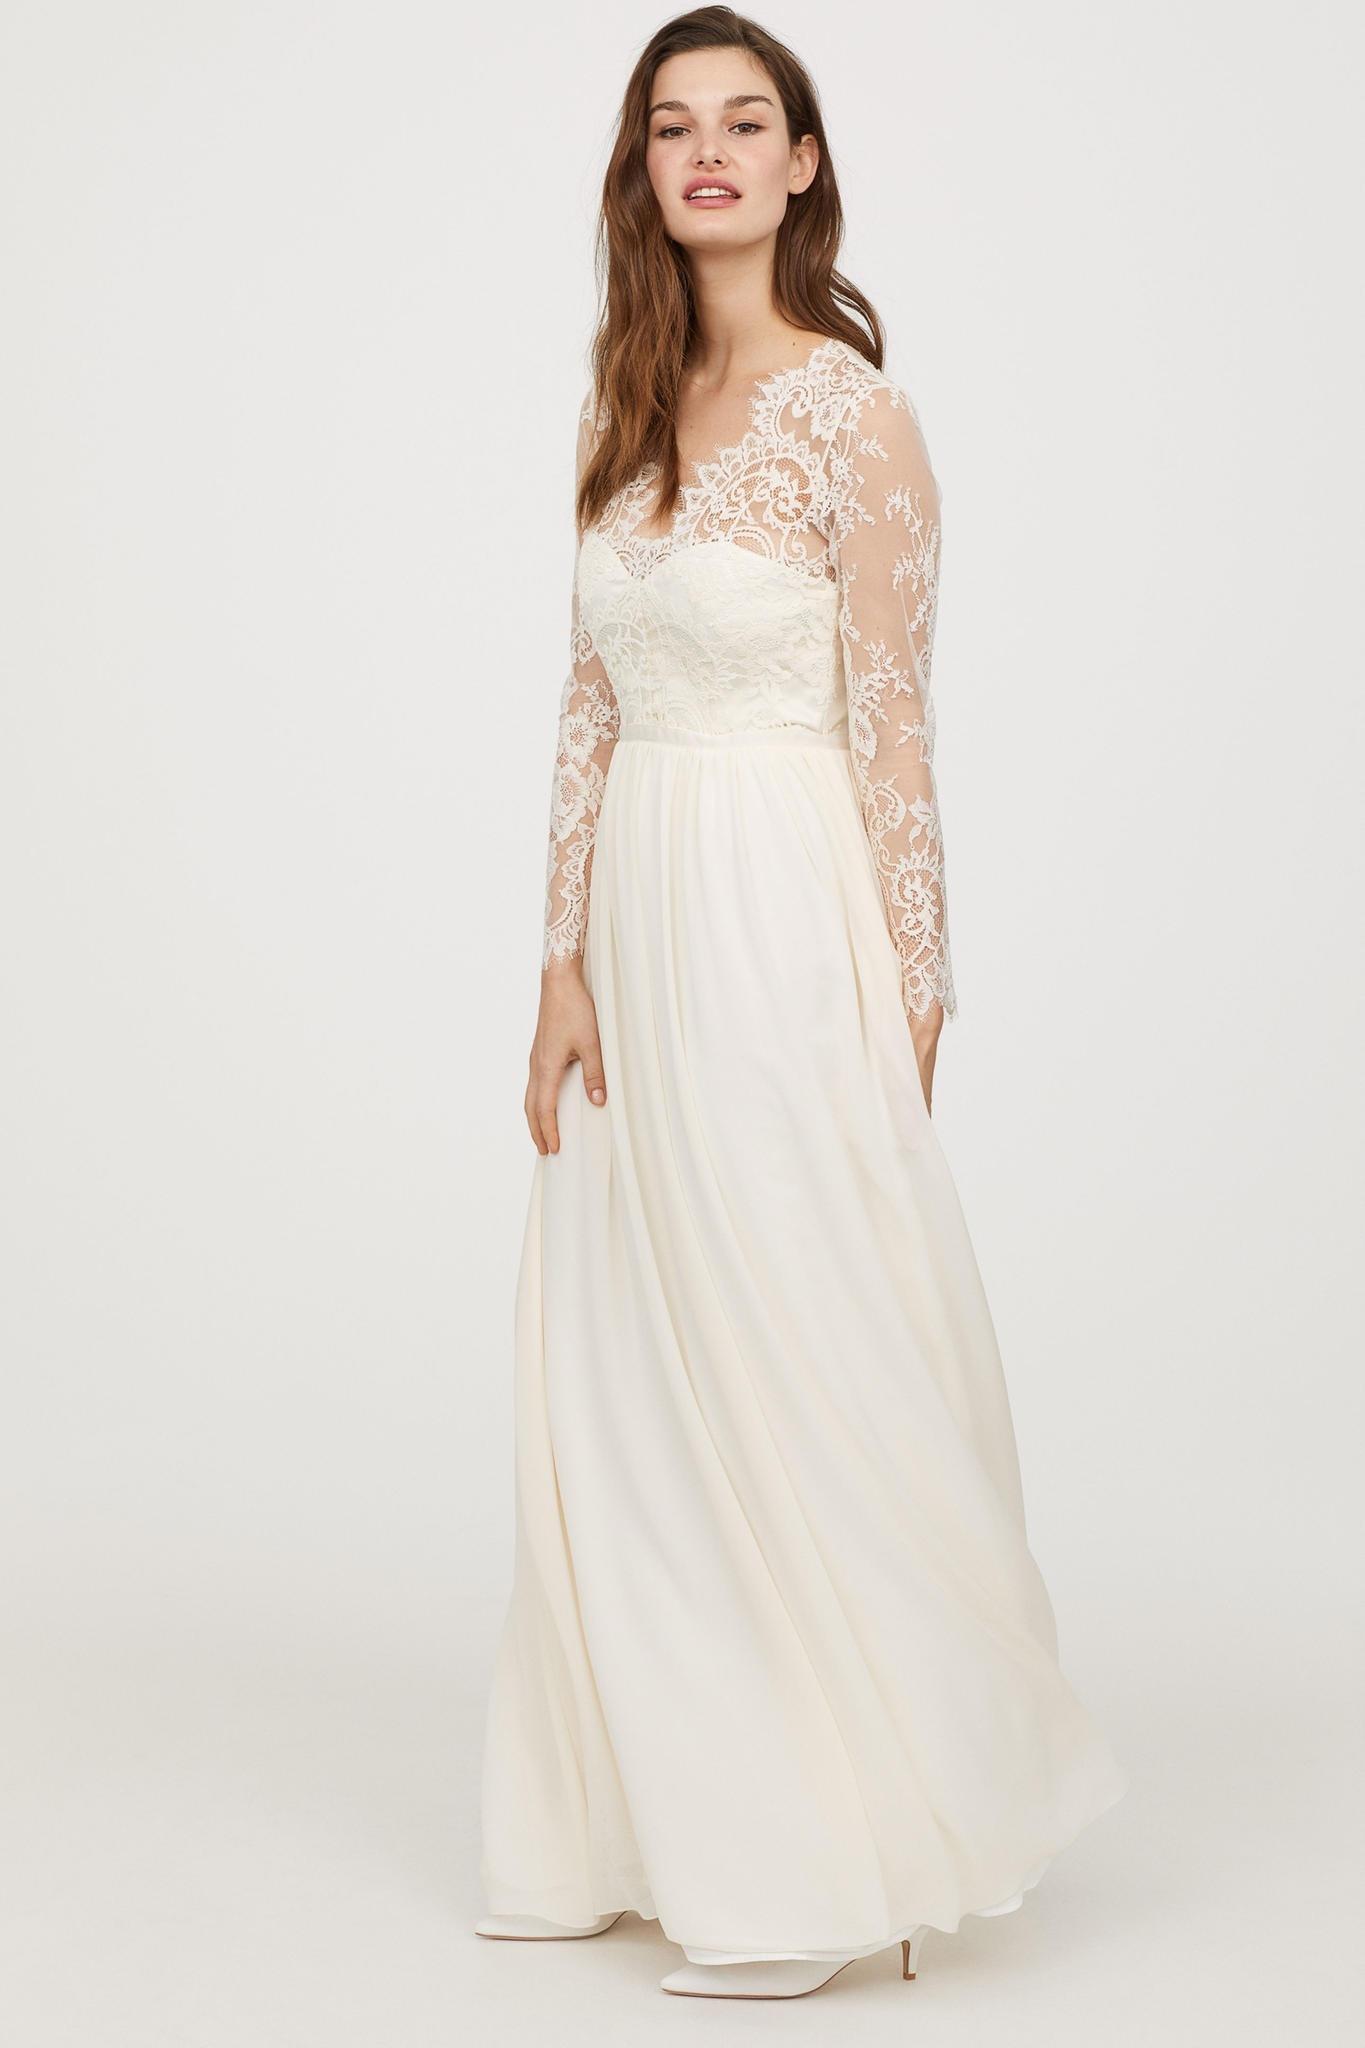 10 Wunderbar Der Kleid für 201917 Luxurius Der Kleid Spezialgebiet